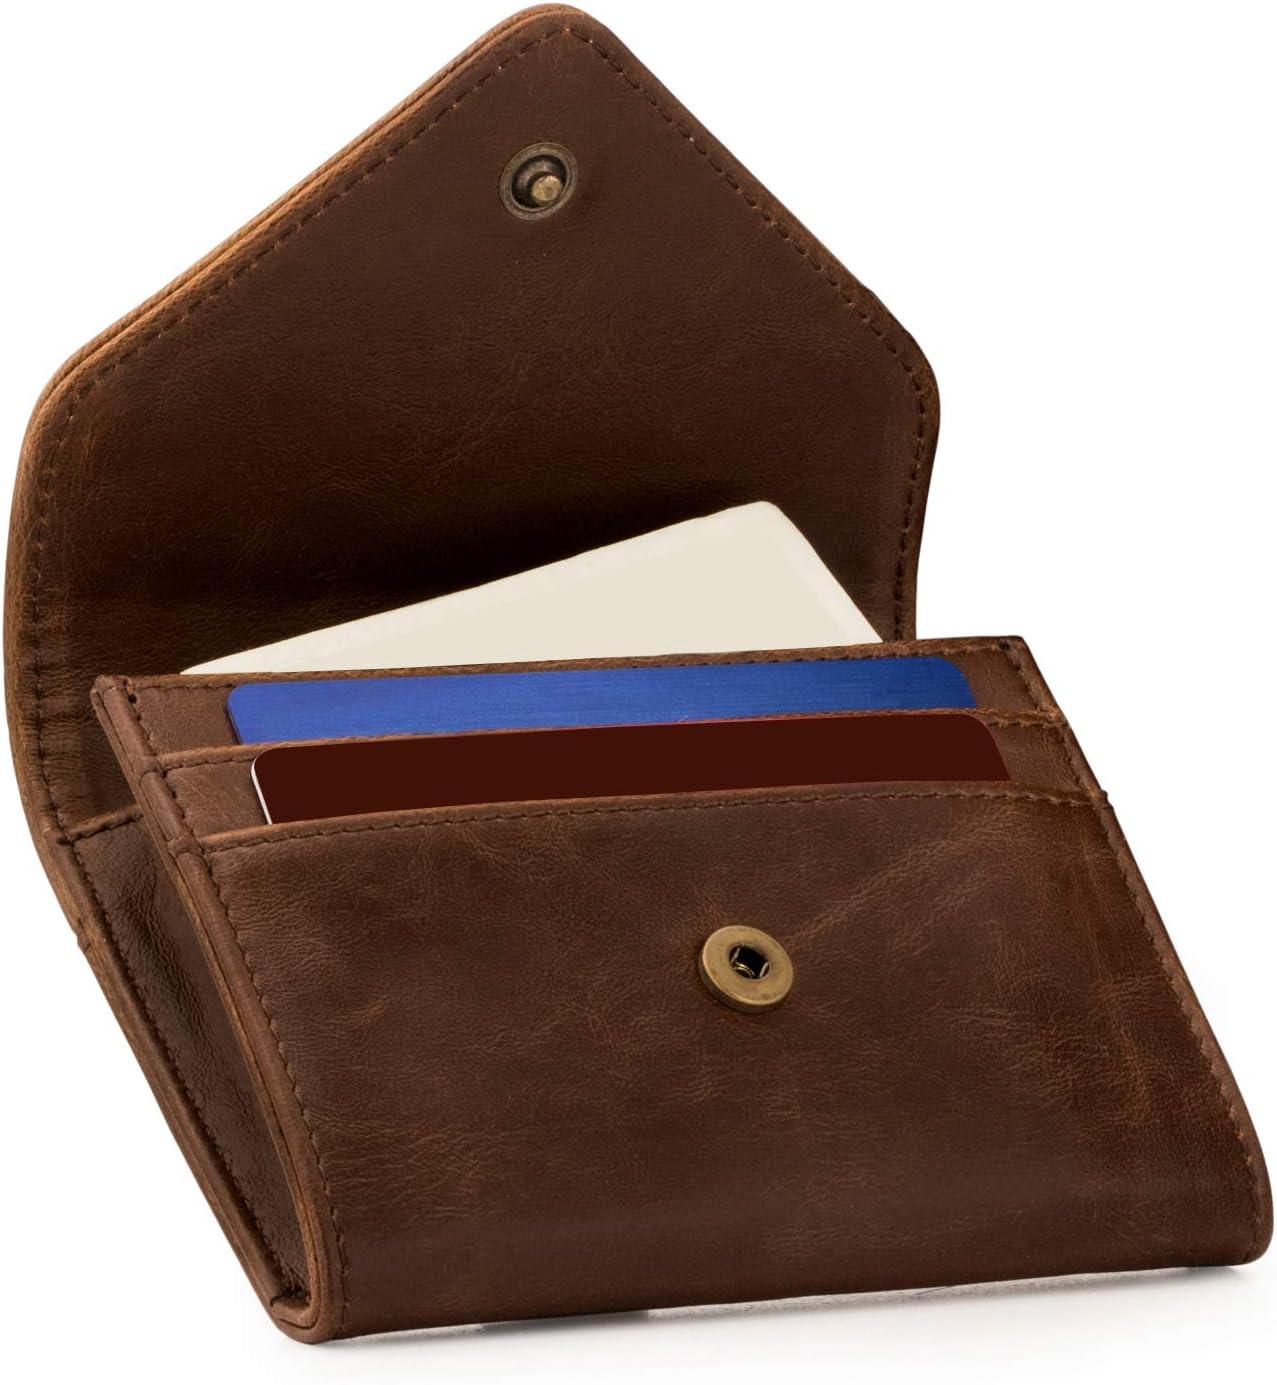 Otto Angelino - Monedero y Organizador de Tarjetas de crédito de Cuero - Bloqueo RFID - Unisex (Marron Oscuro)